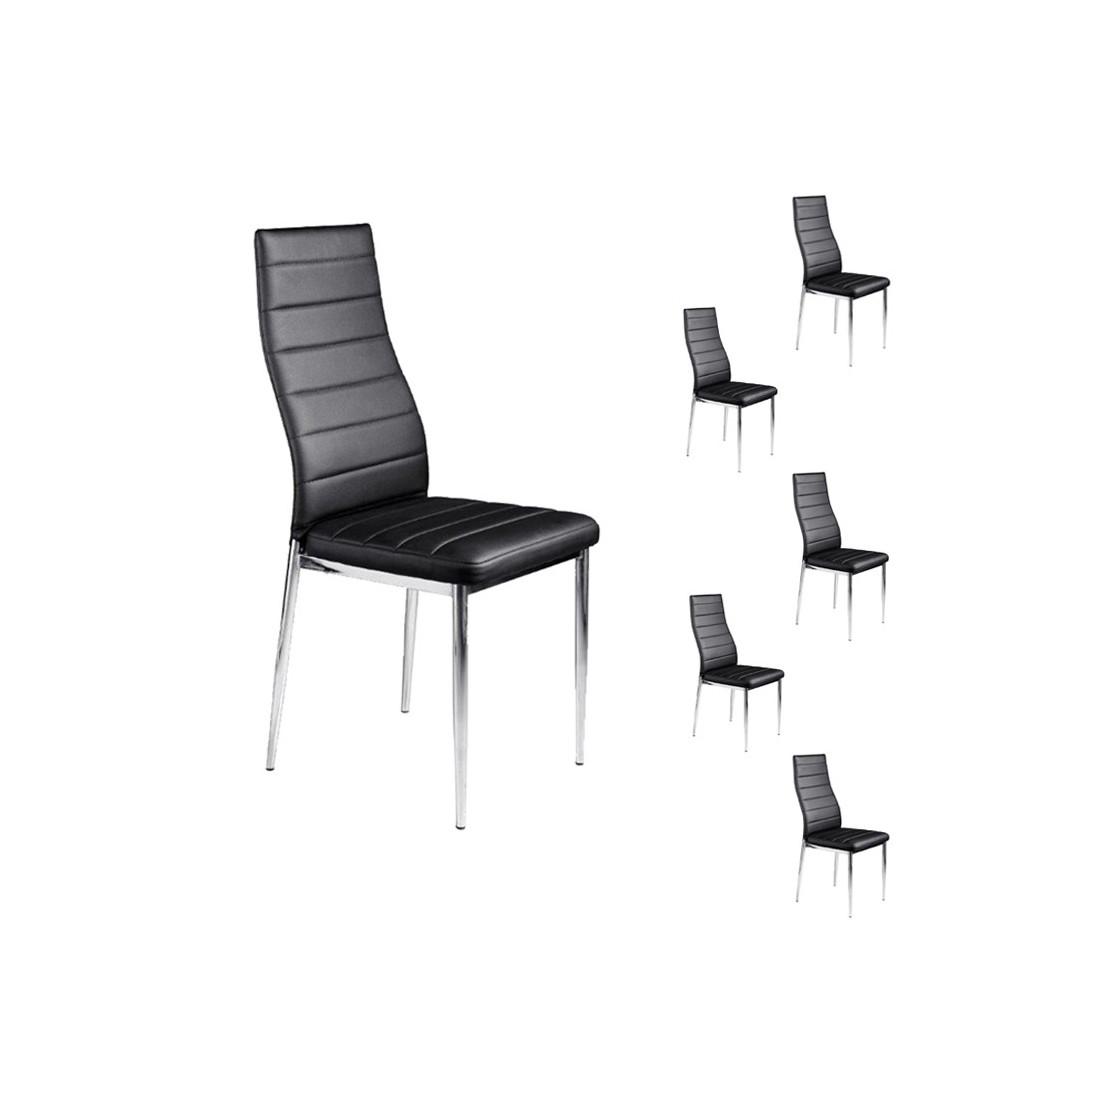 Lot de 6 chaises jaba simili cuir noir univers salle - Lot de 6 chaises ...